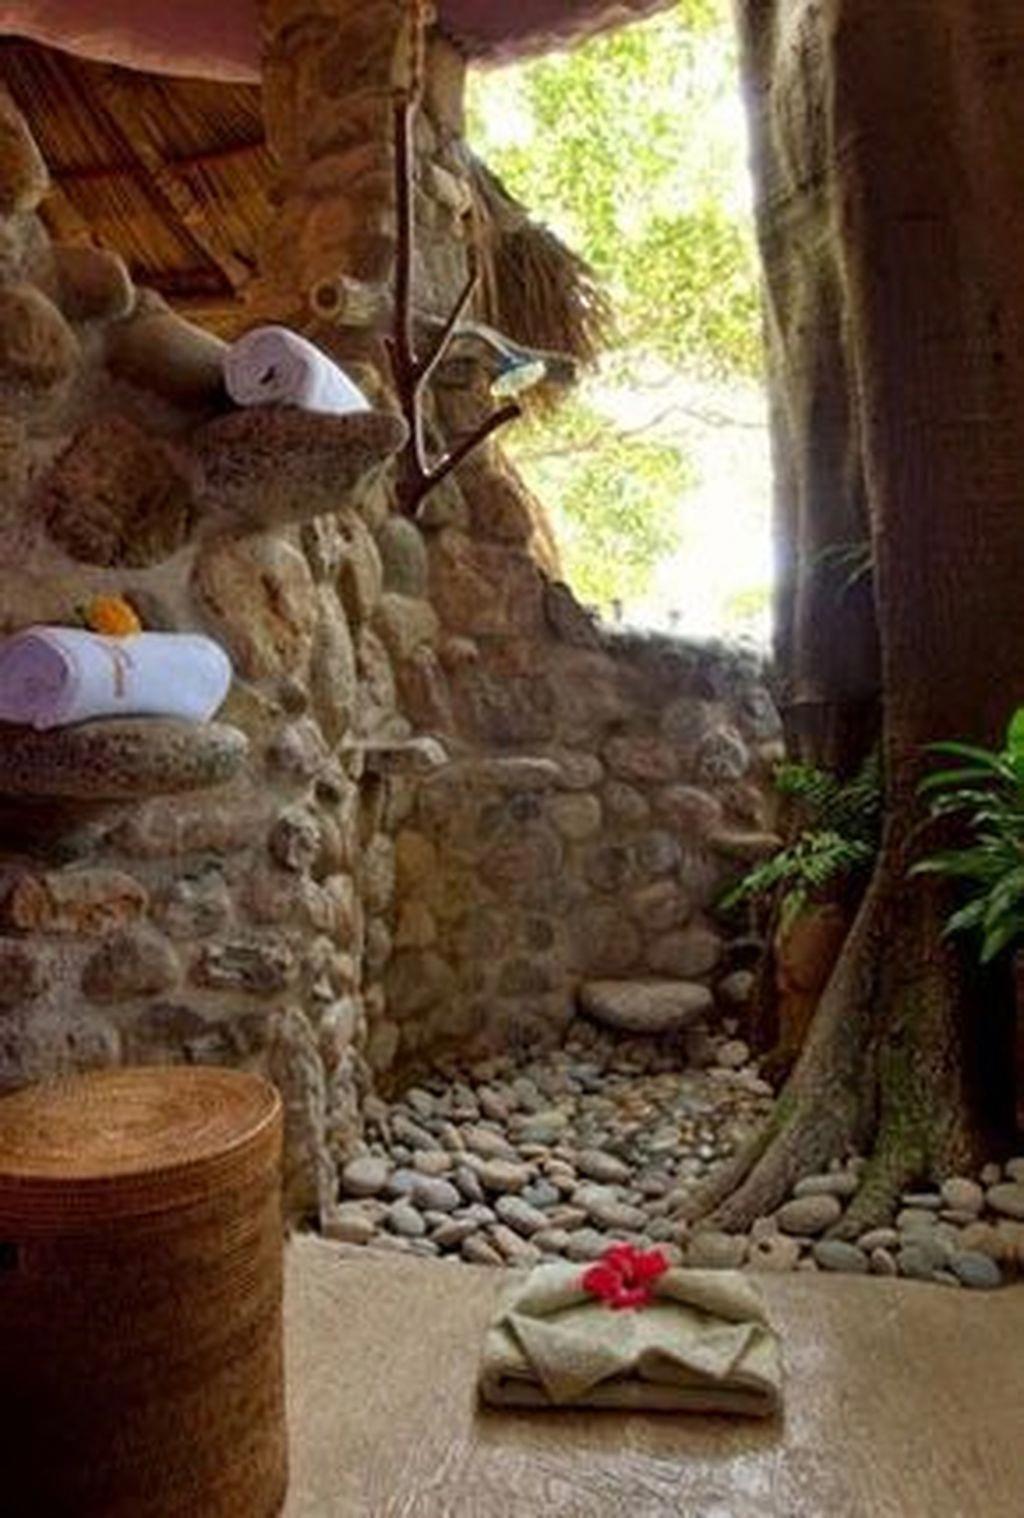 Inspiring Jungle Bathroom Decor Ideas 25